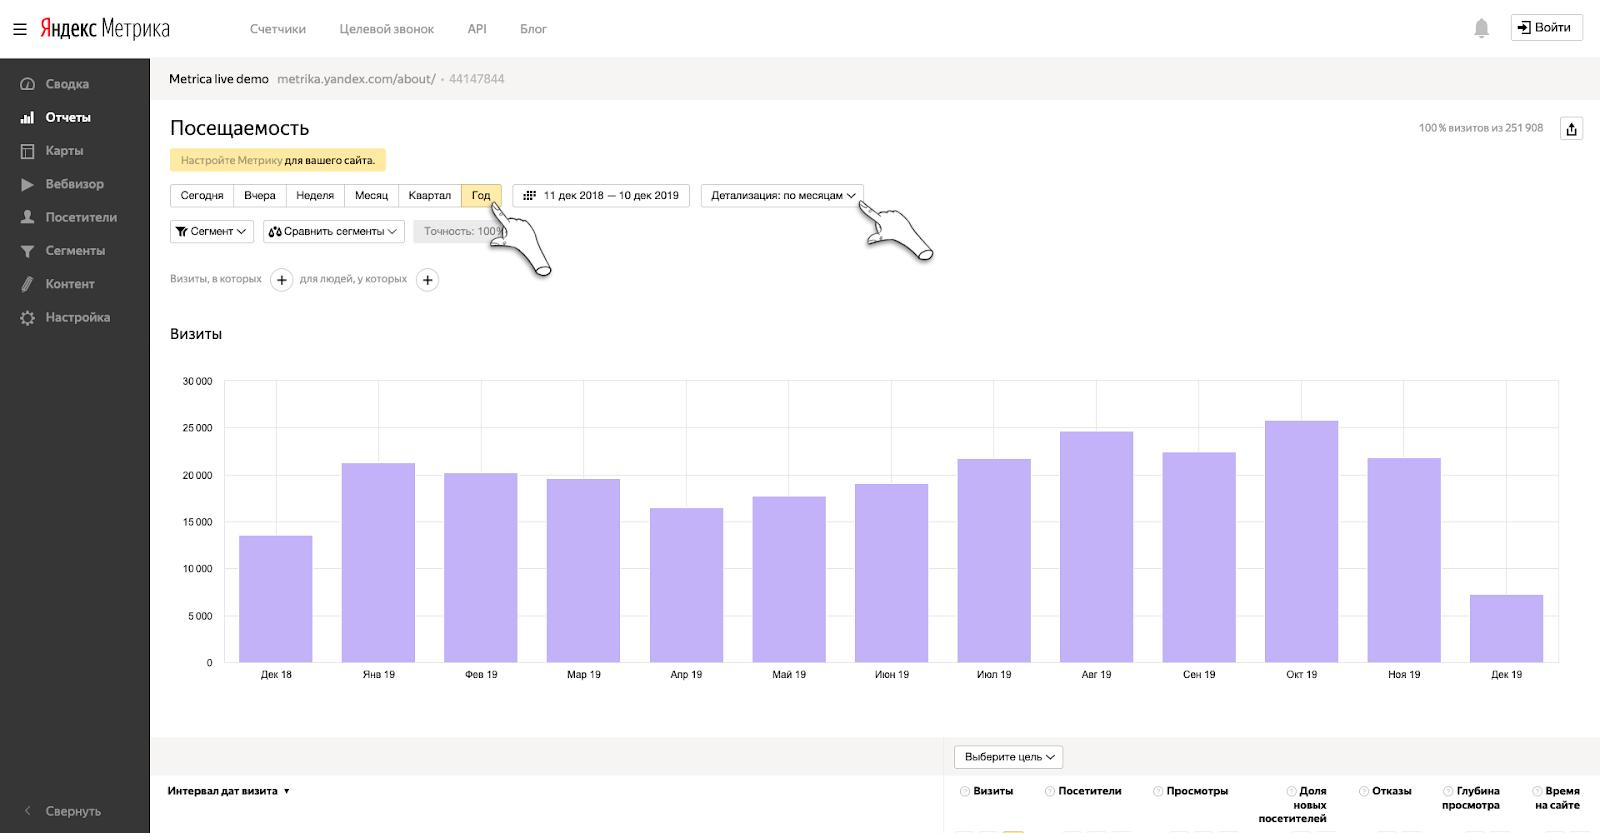 Суммарная посещаемость сайта за месяц проверить в Яндекс.Метрике